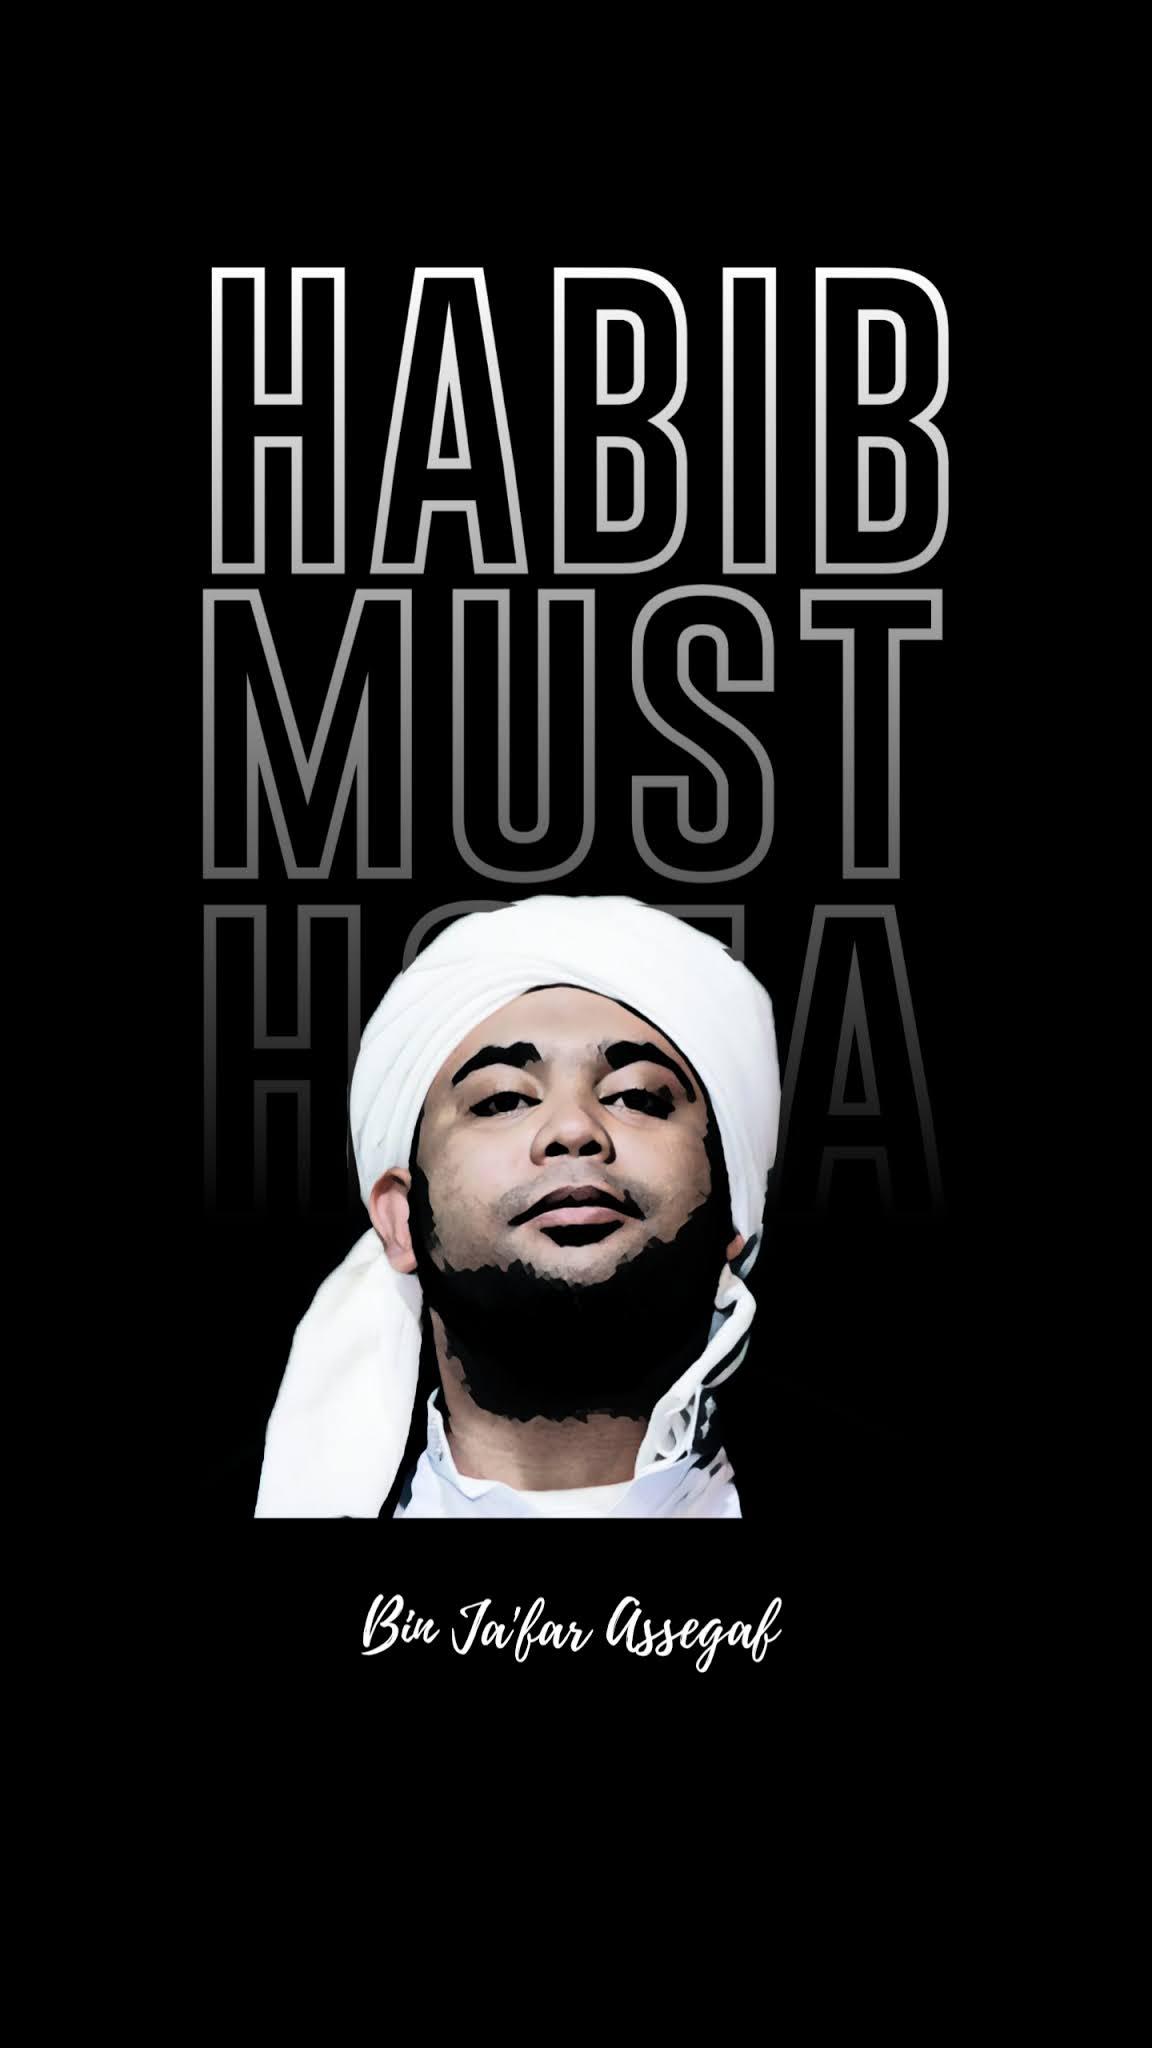 Download Wallpaper Wallpaper Habib Musthofa 1610201